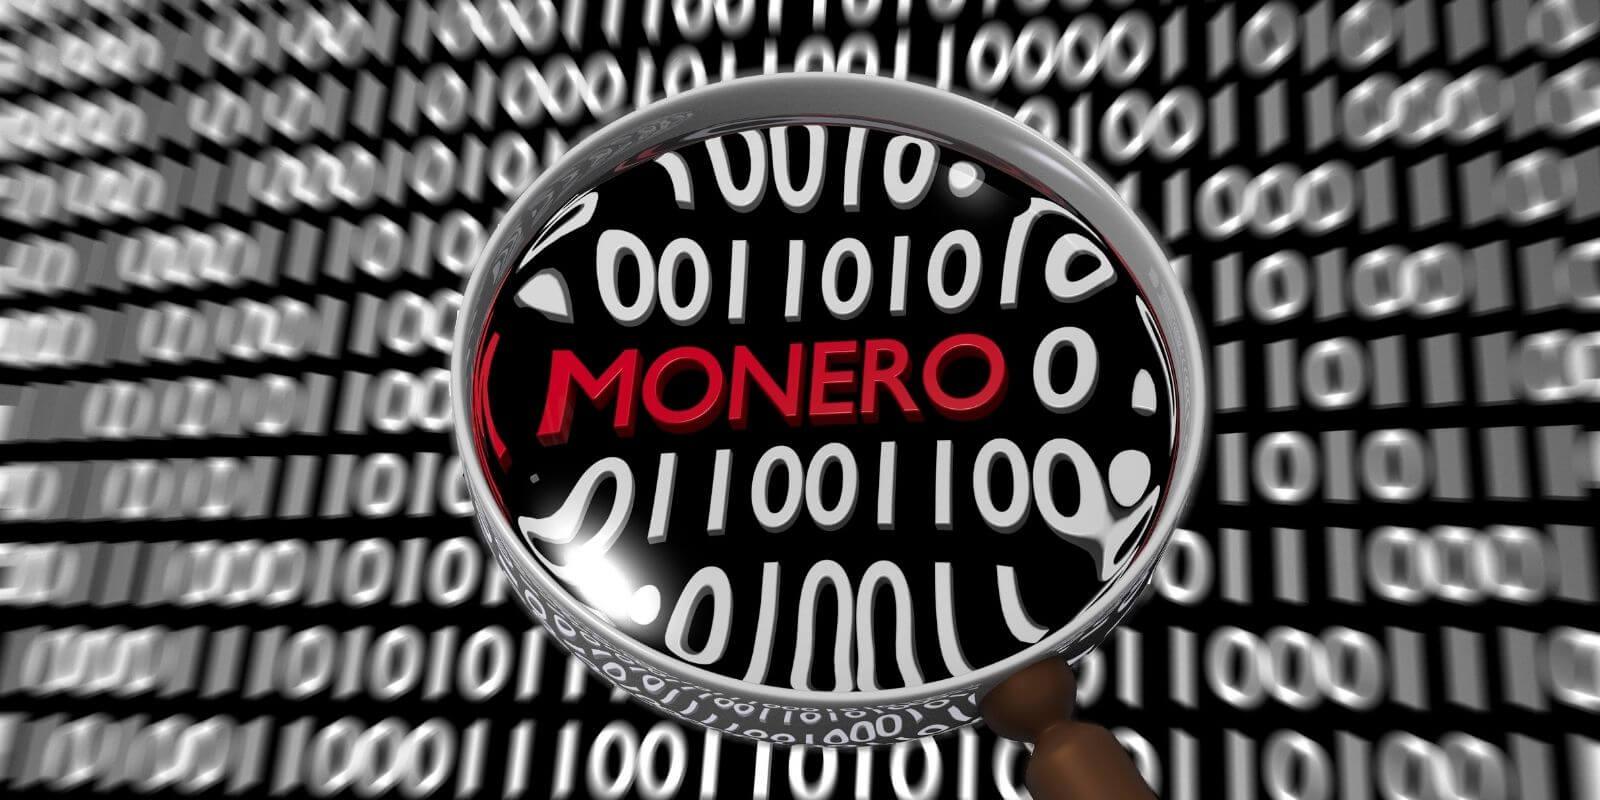 Monero (XMR) subit une attaque visant à démasquer les utilisateurs